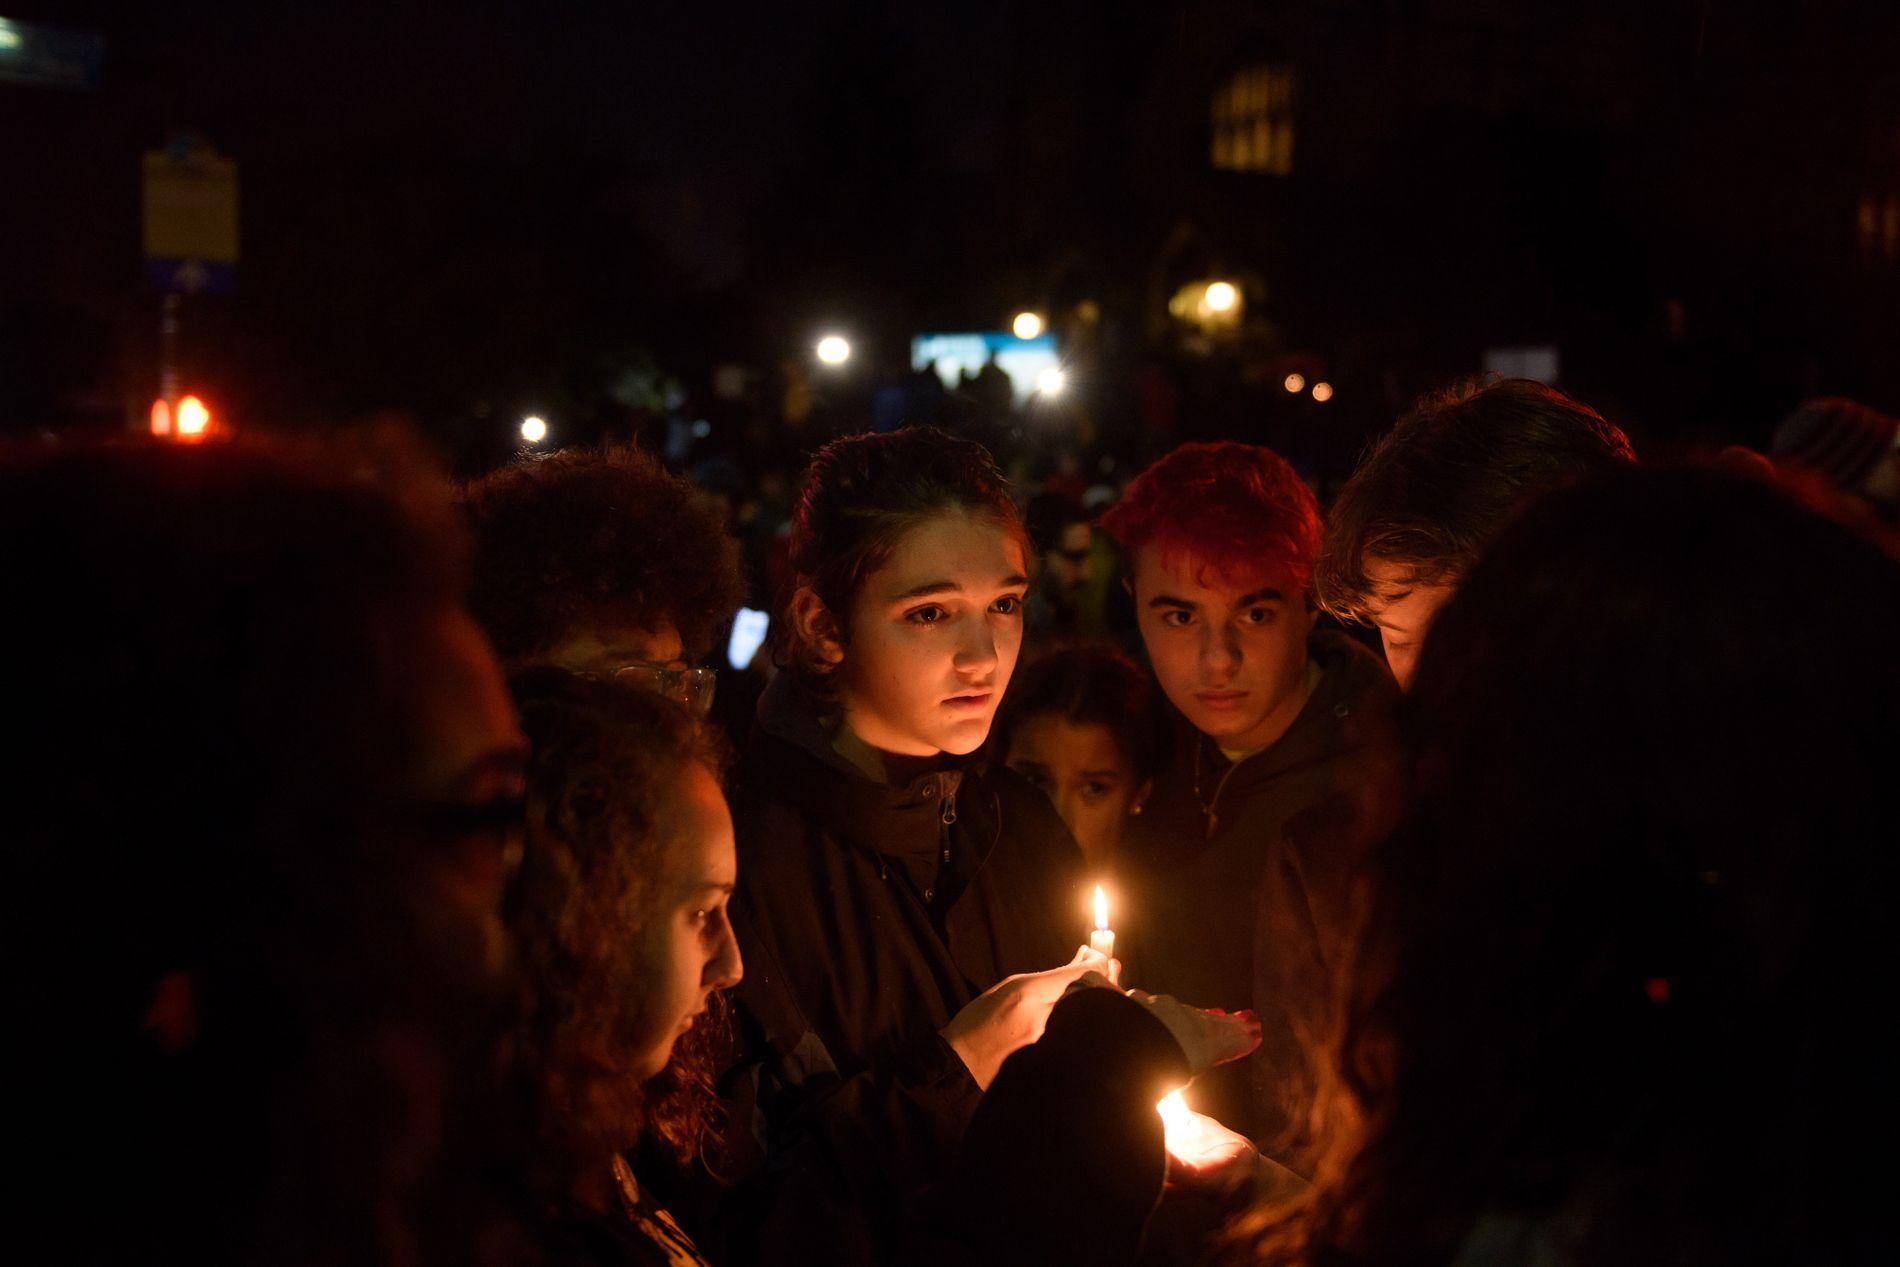 VISER STØTTE: Lørdag kveld samlet mennesker seg for å vise motstand mot angriperen og hans tankegods.